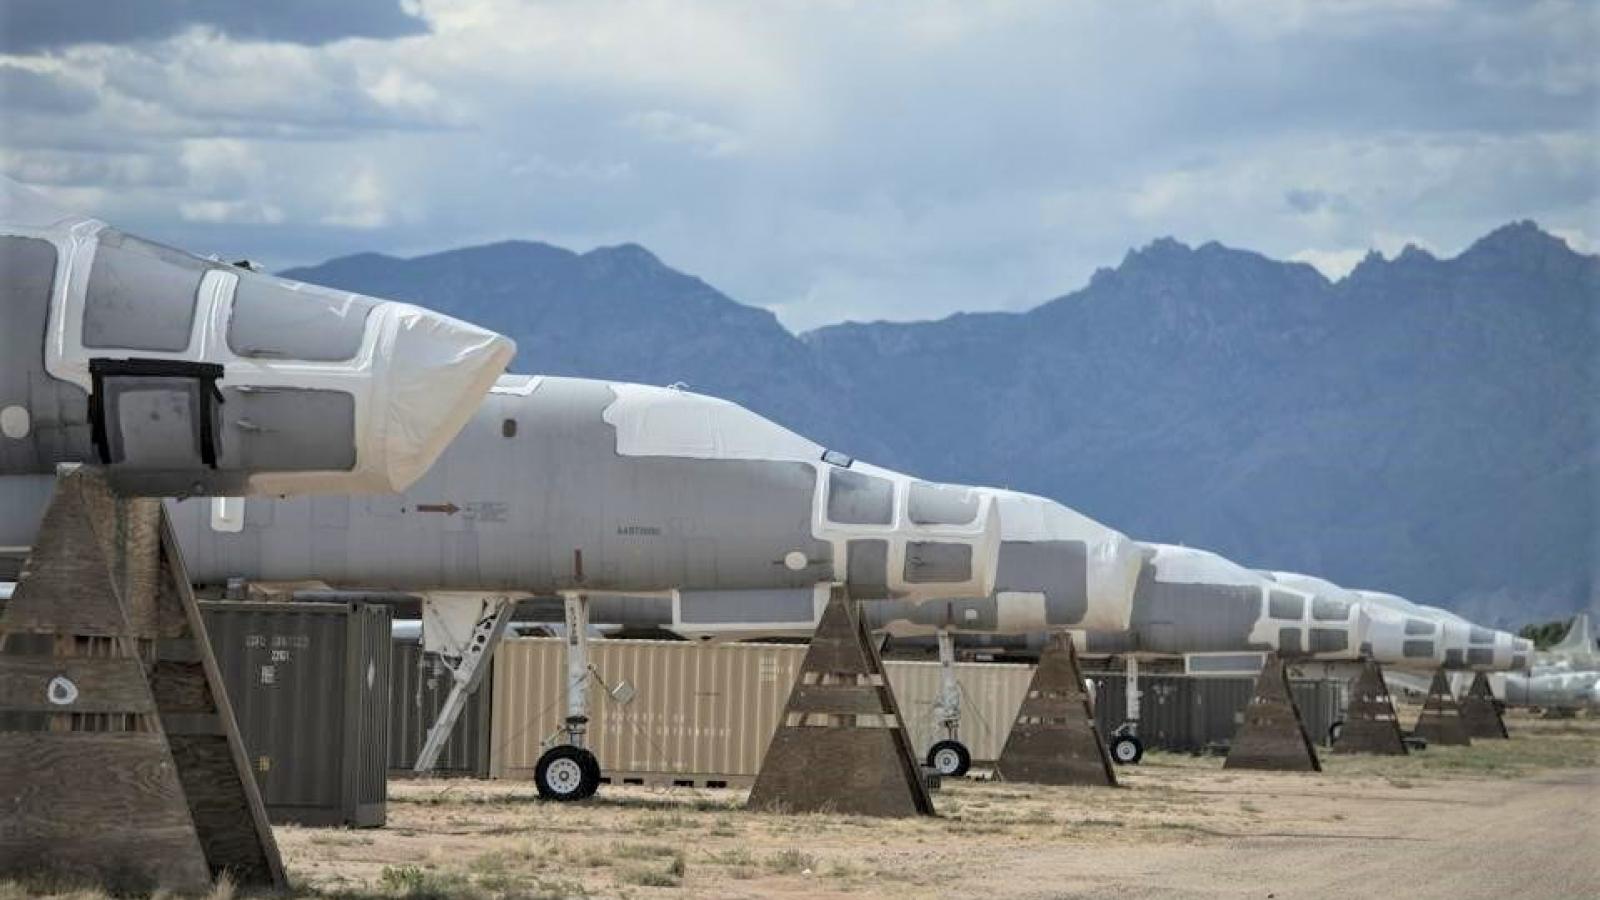 Công nghệ phun lạnh sửa chữa nhanh các bộ phận máy bay quân sự